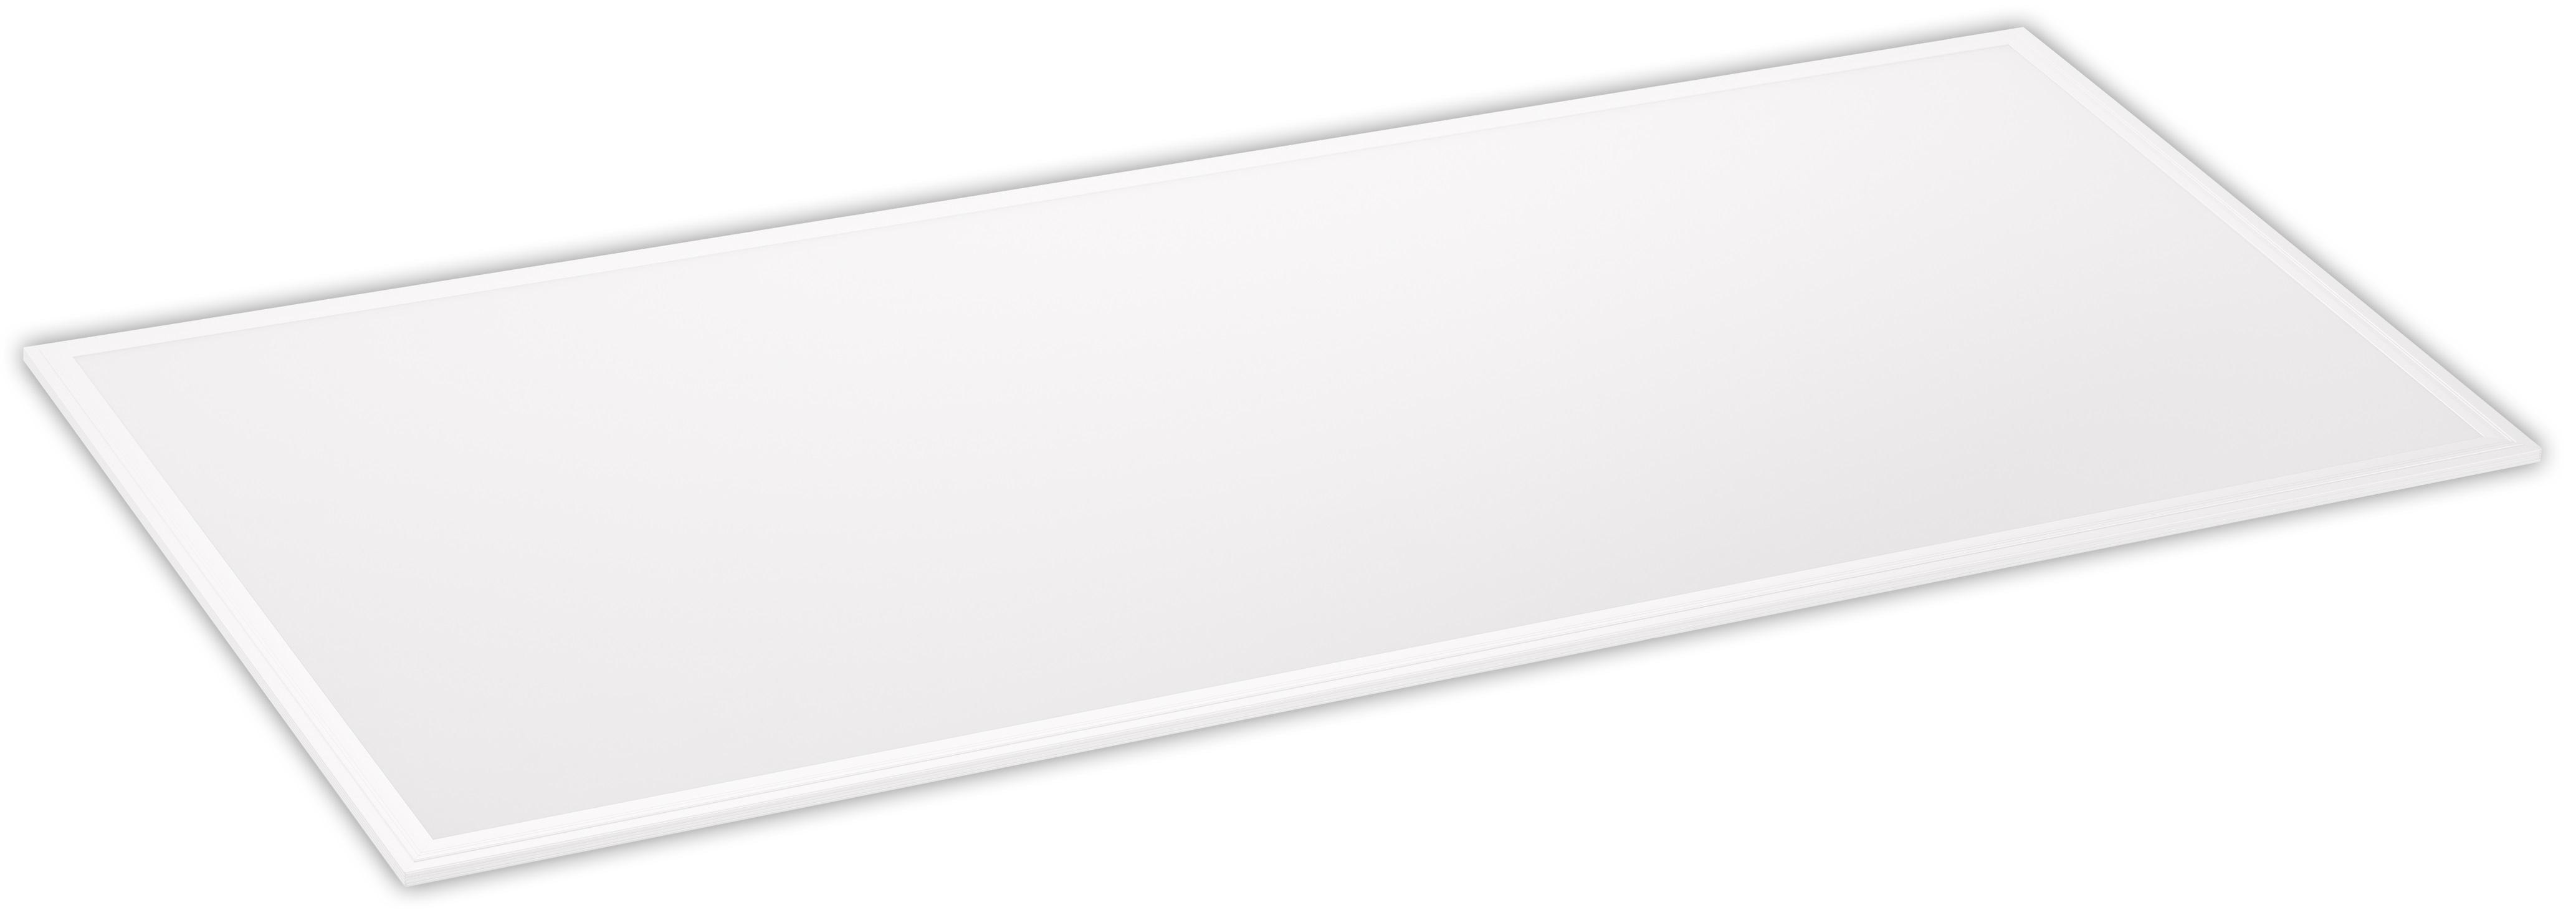 1 Stk LED Panel 42W, 3600lm, 830, 1197x297mm, 1050mA, ohne Treiber LI29001088